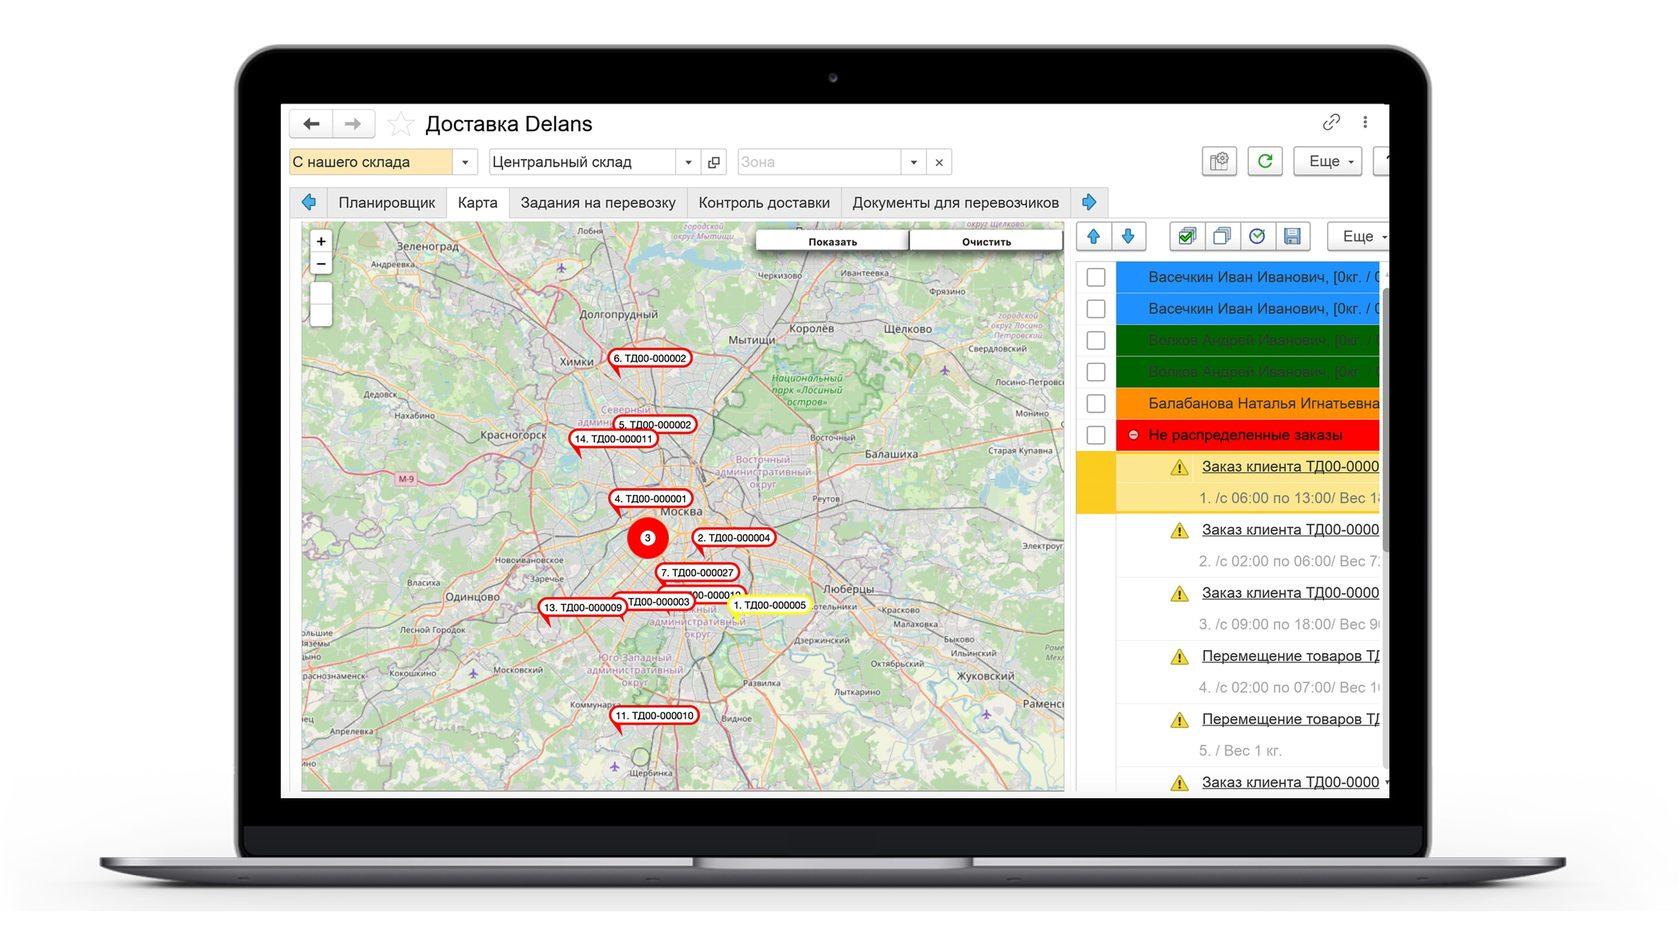 Картографические сервисы в программе Delans